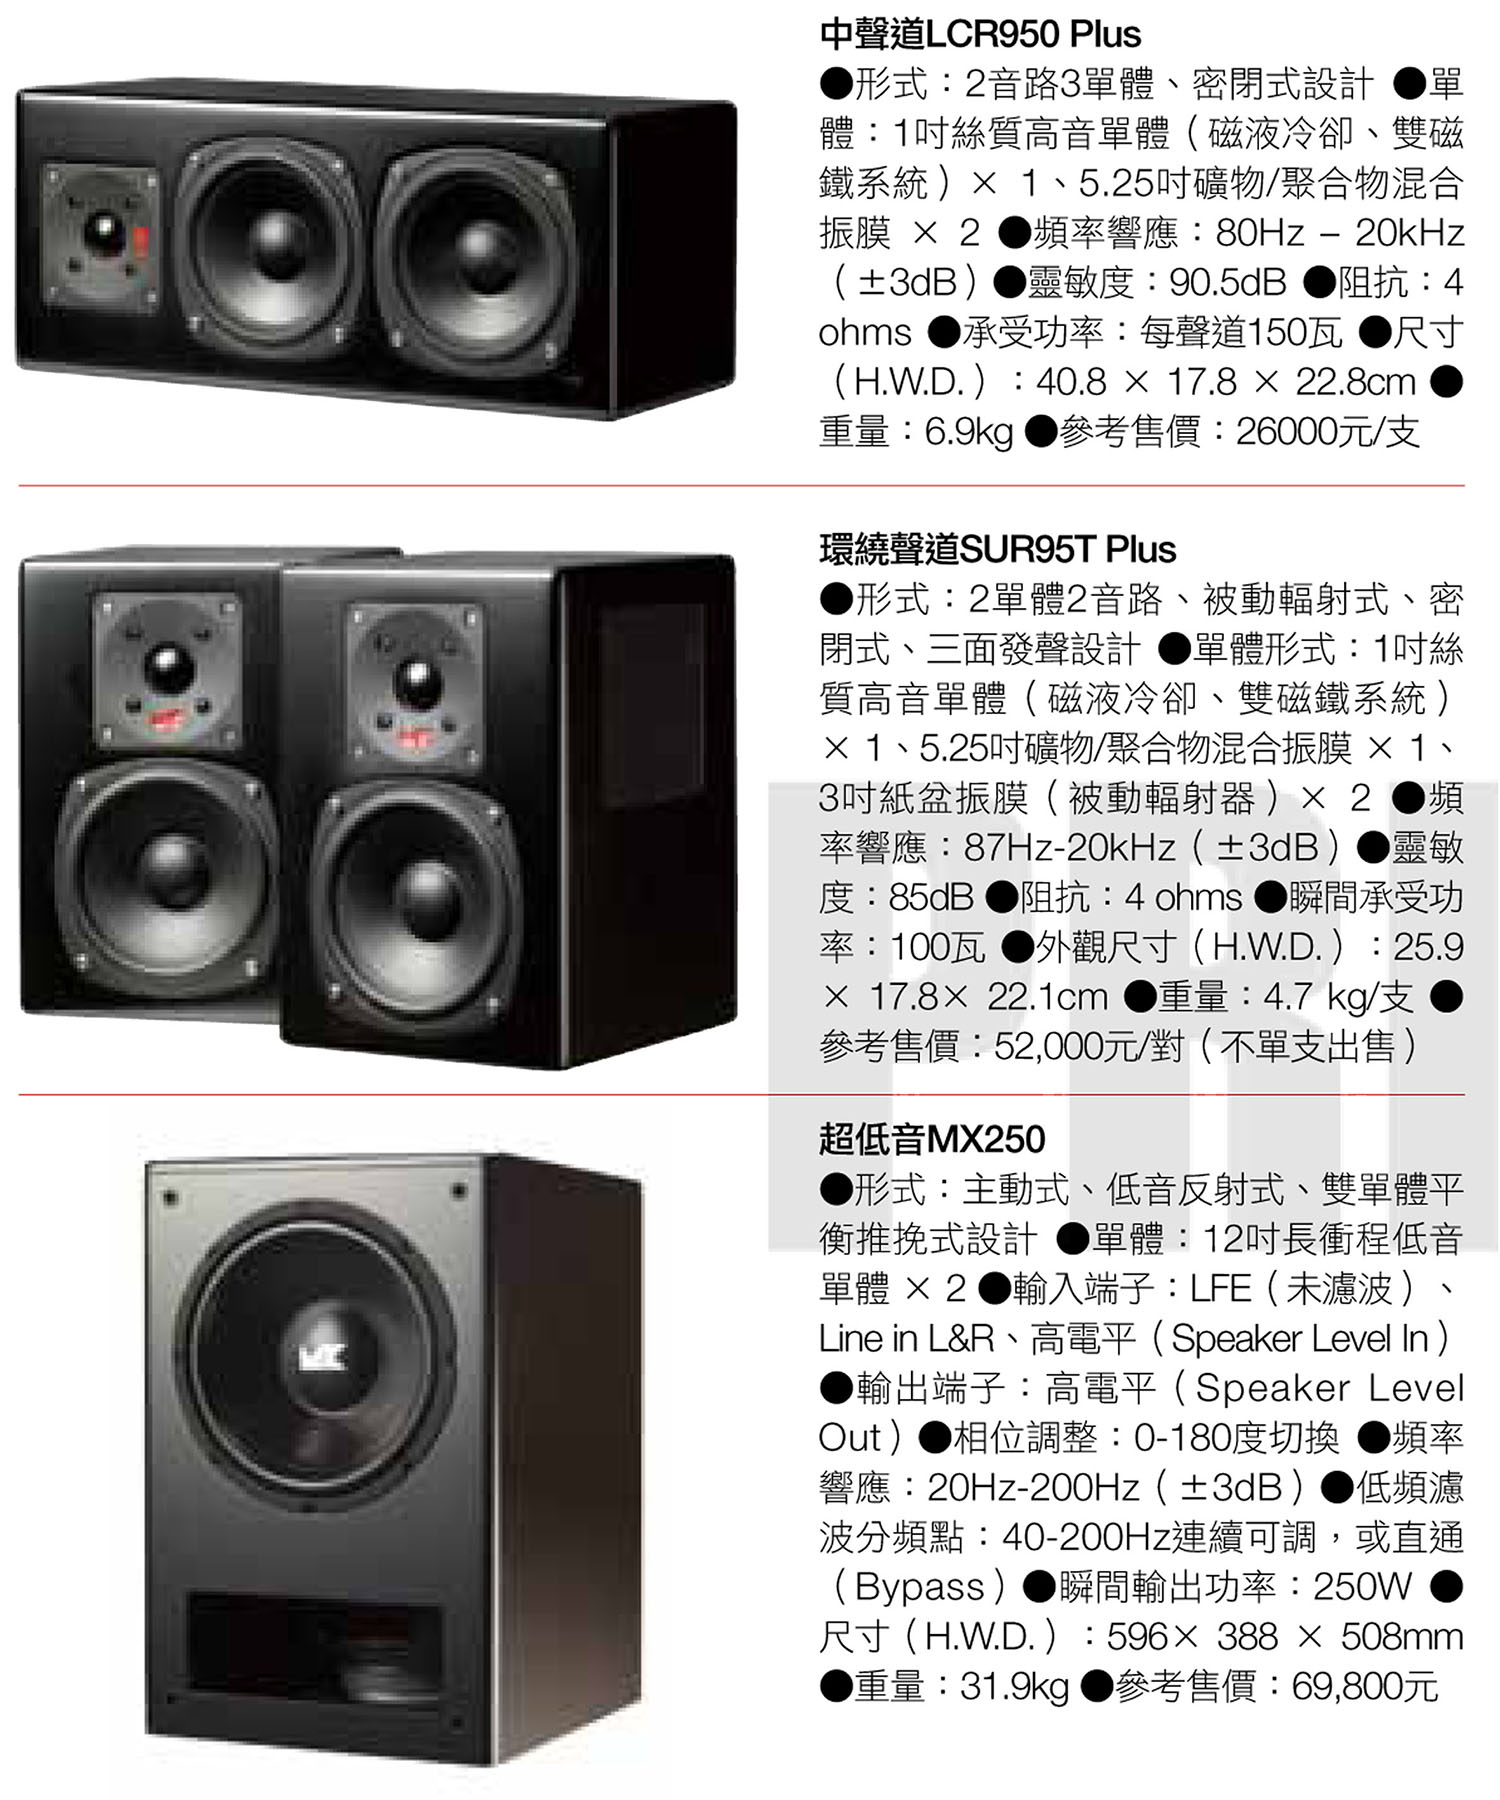 M&K SOUND 中聲道LCR950 Plus 環繞SUR95T Plus 超低音MX250